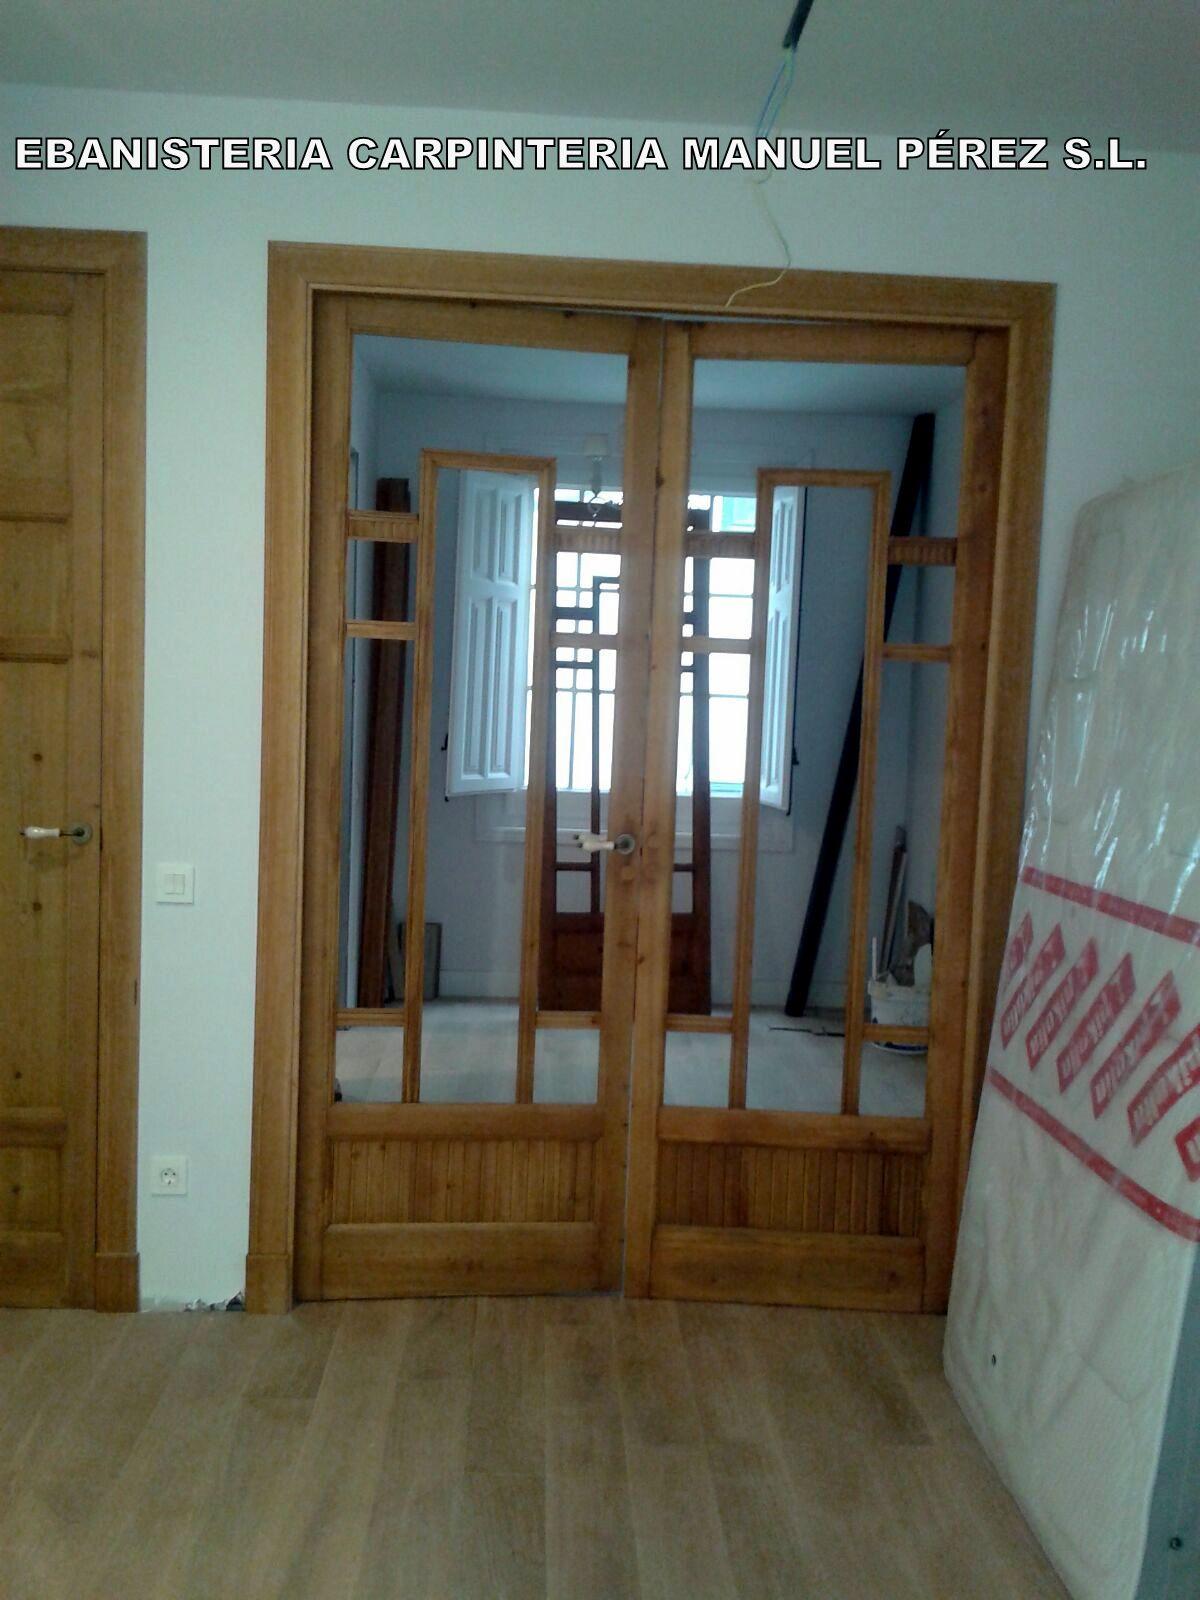 Ebanisteria carpinteria manuel perez zaragoza for Restauracion de puertas antiguas